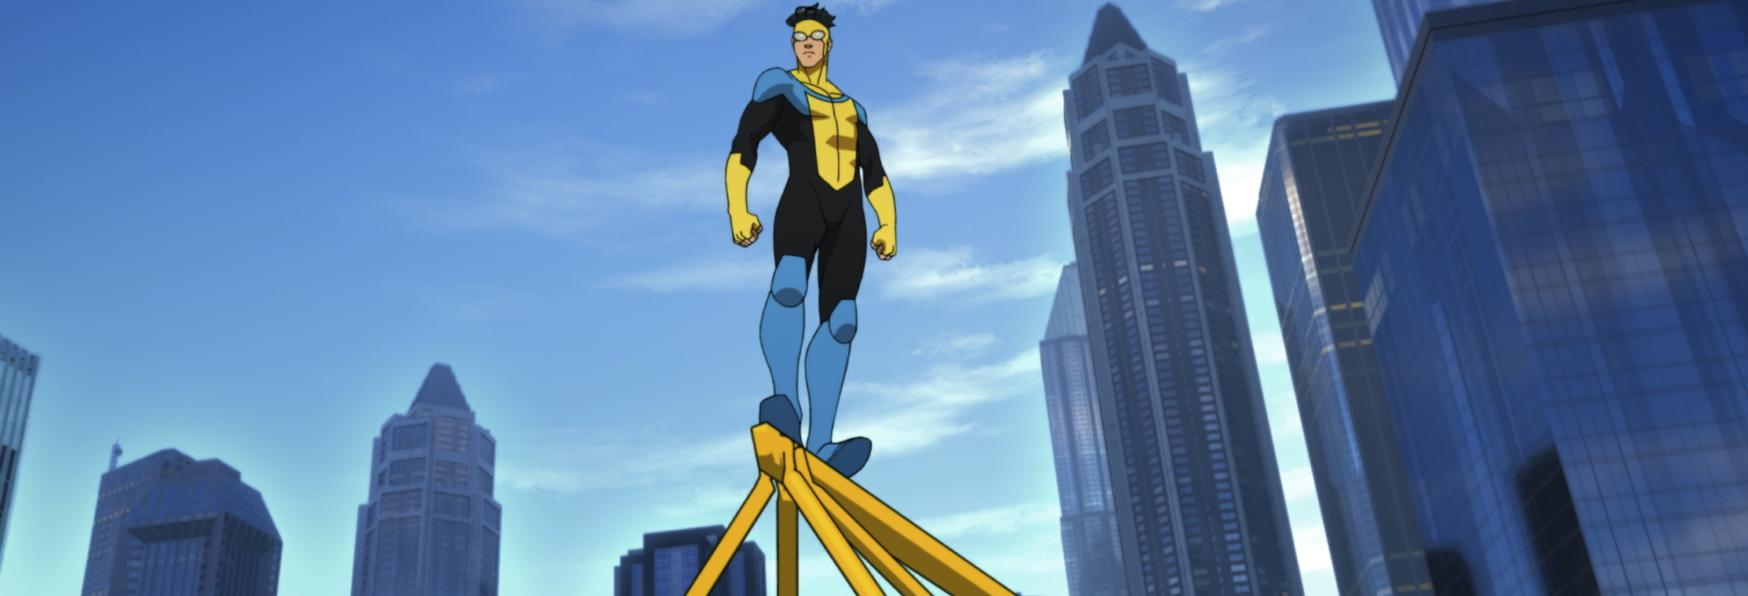 Invincible: il Creatore dei Fumetti Robert Kirkman parla dell'incredibile Sorpresa nella Serie Animata